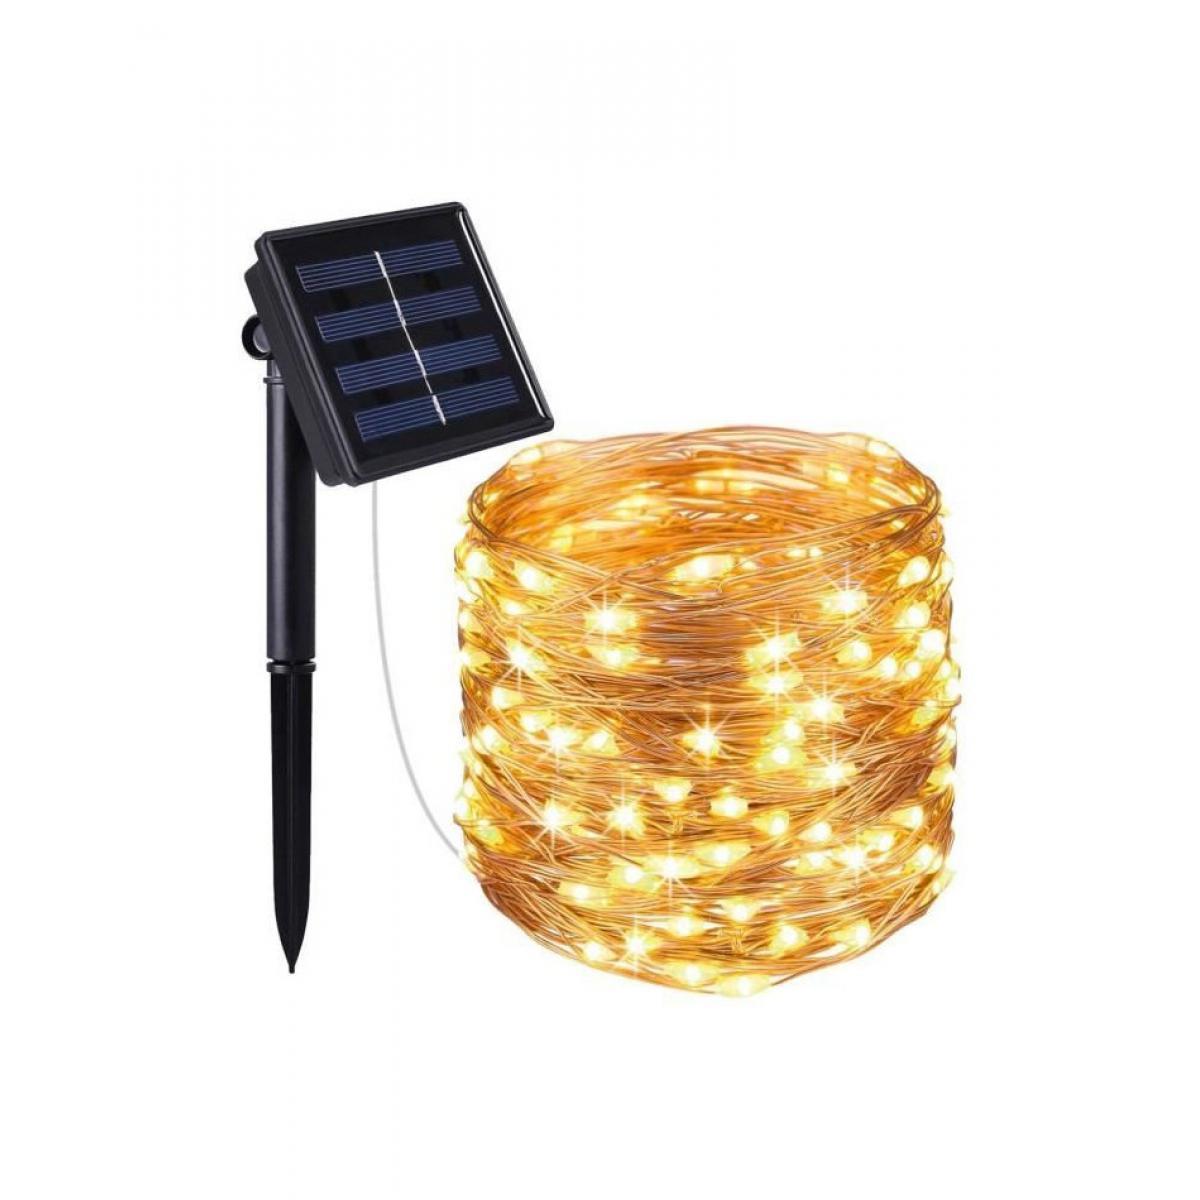 Lumi Jardin LUMI JARDIN Guirlande lumineuse solaire Micro LED Skinny Solar - 100 LED - 1200 cm